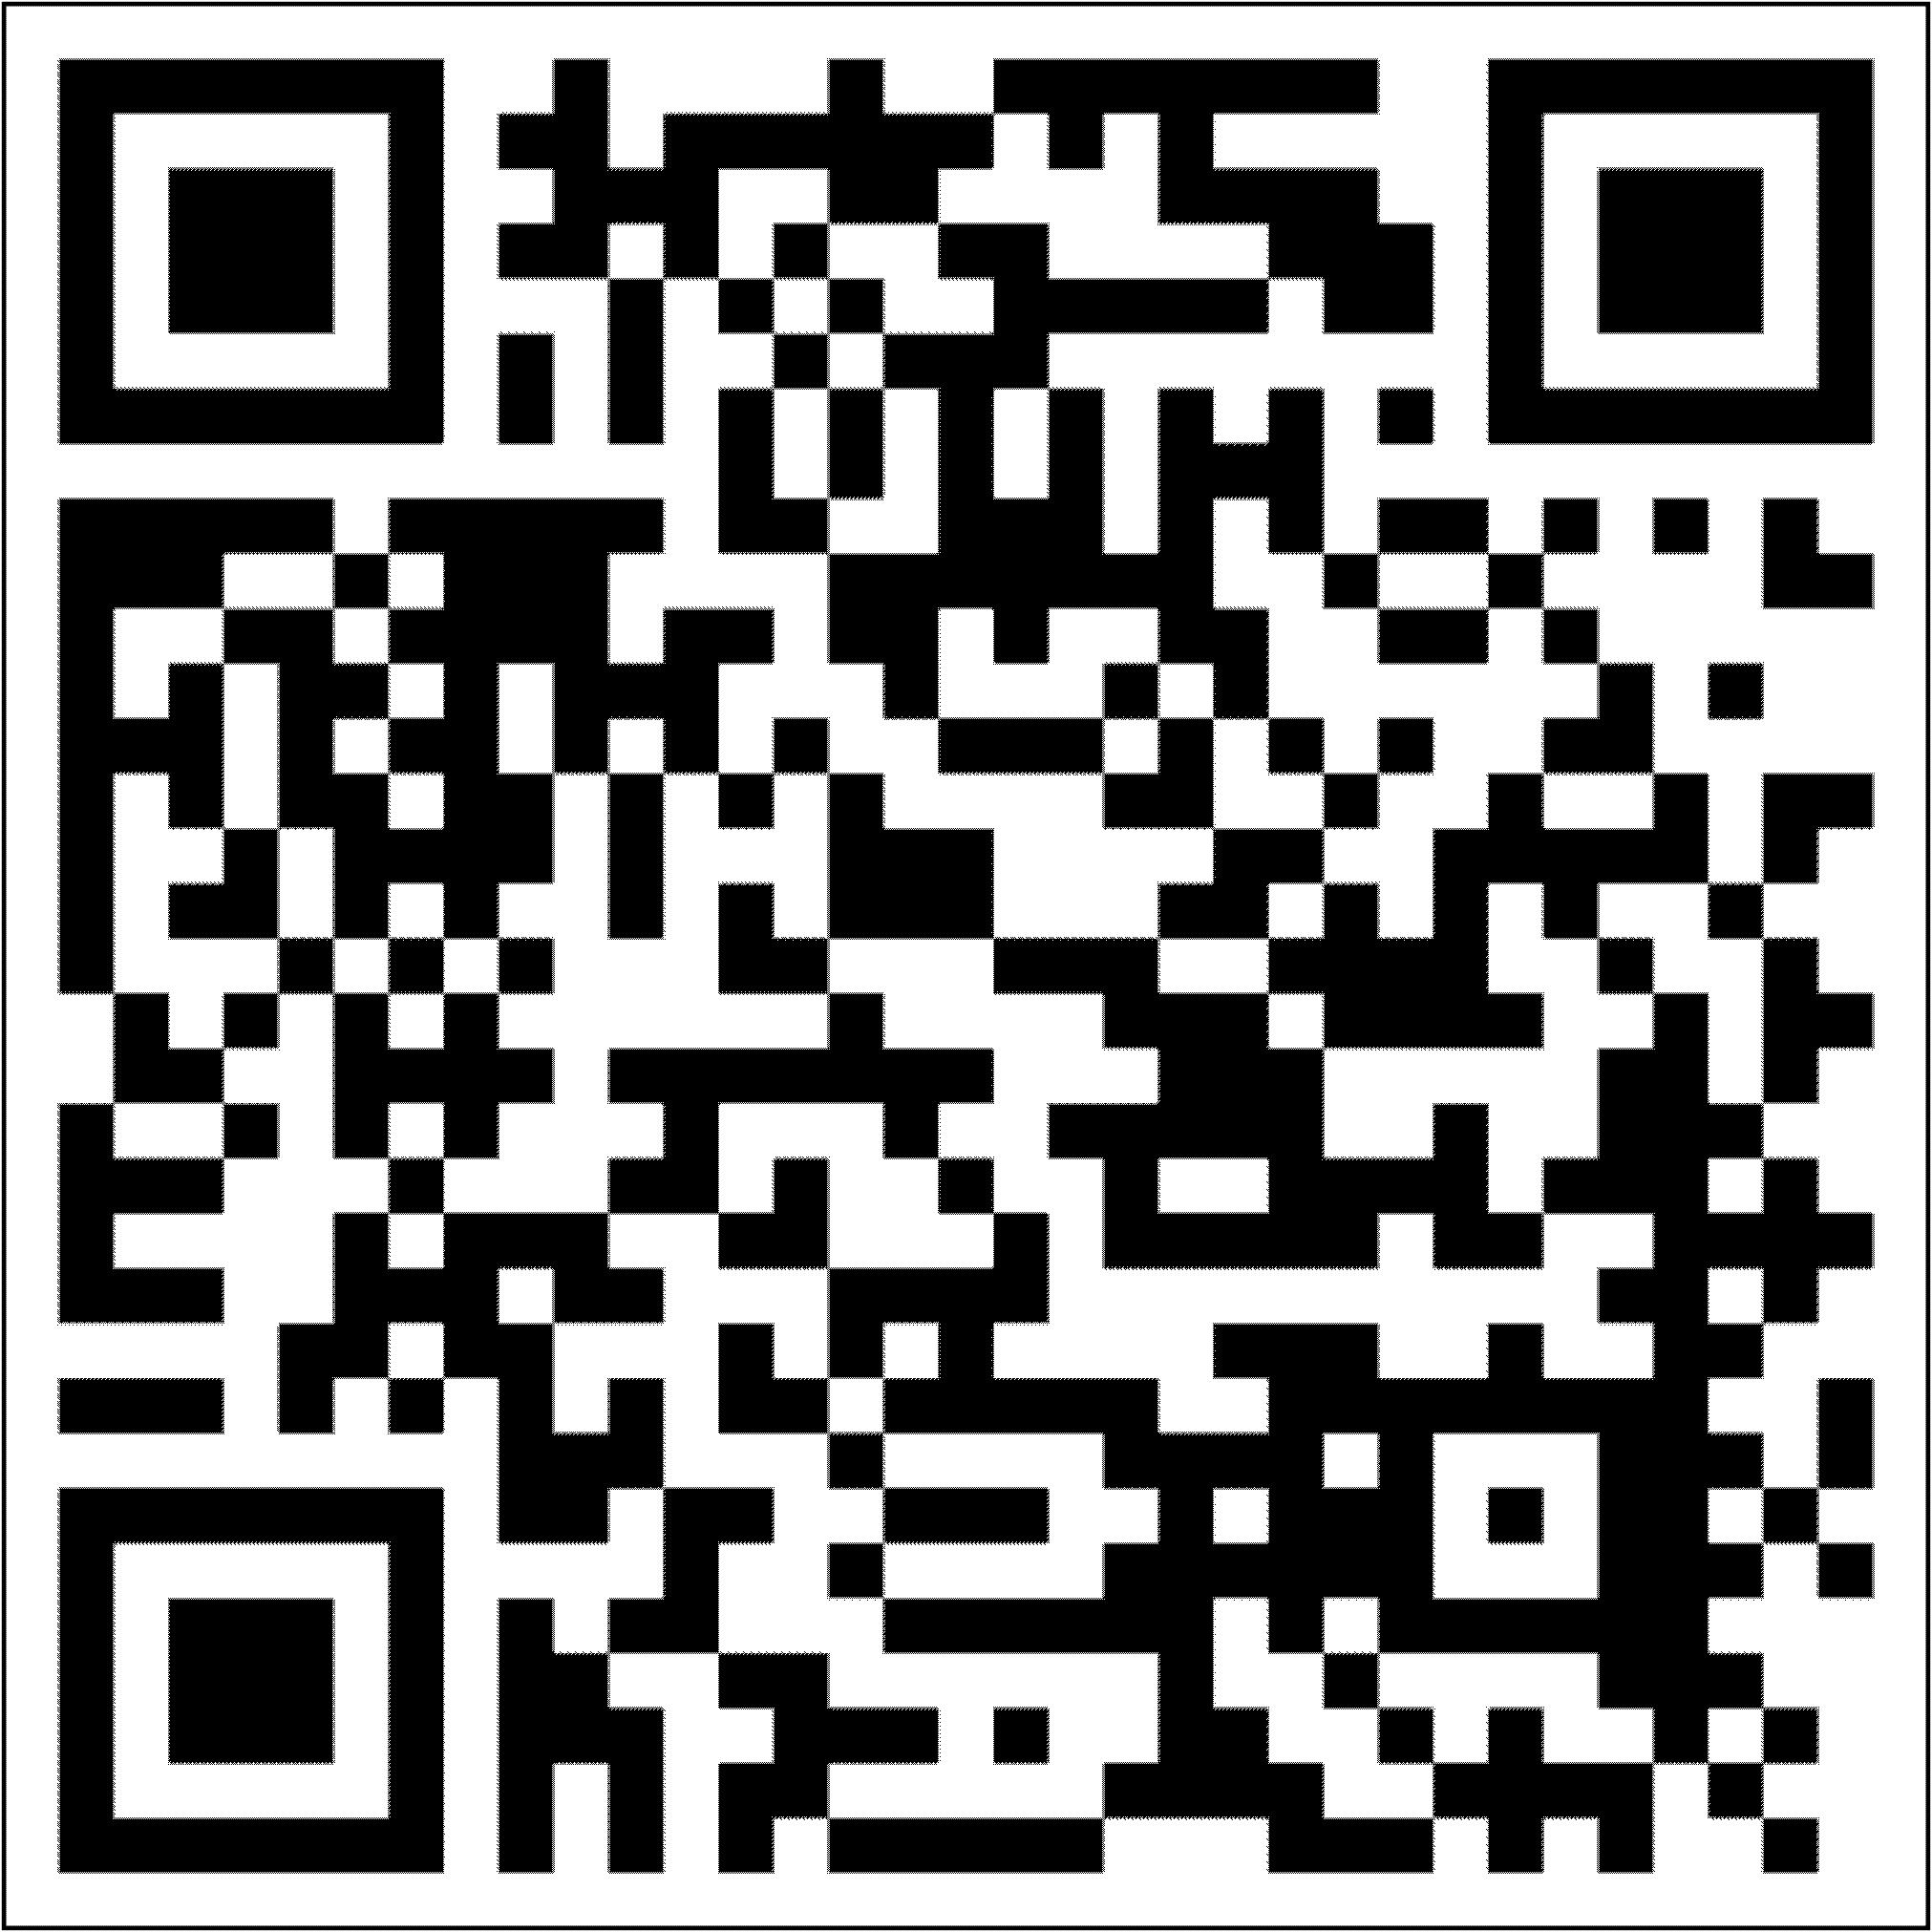 QR Code Tourist Information